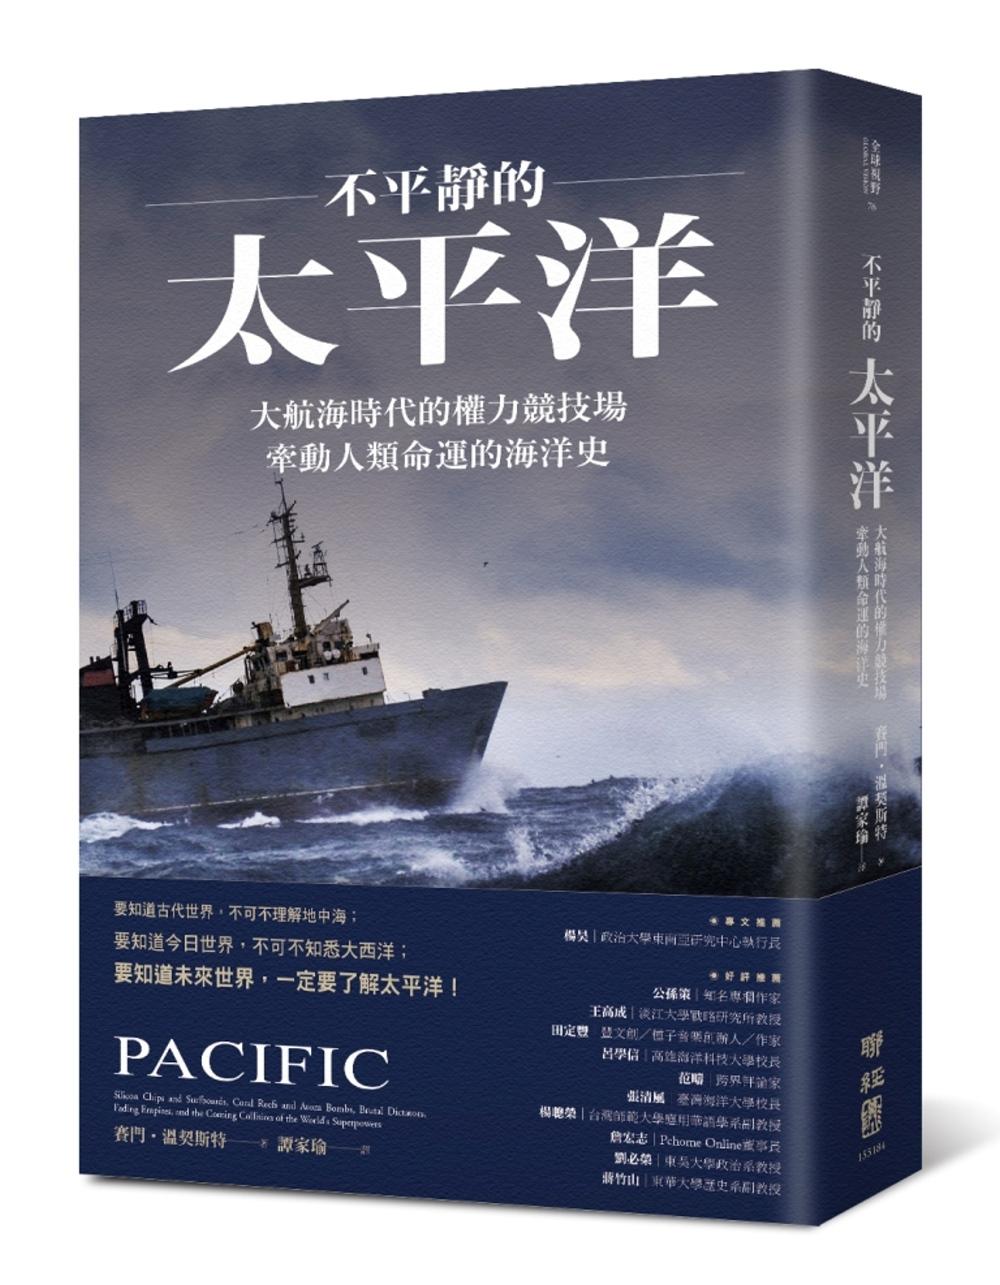 ◤博客來BOOKS◢ 暢銷書榜《推薦》不平靜的太平洋:大航海時代的權力競技場,牽動人類命運的海洋史